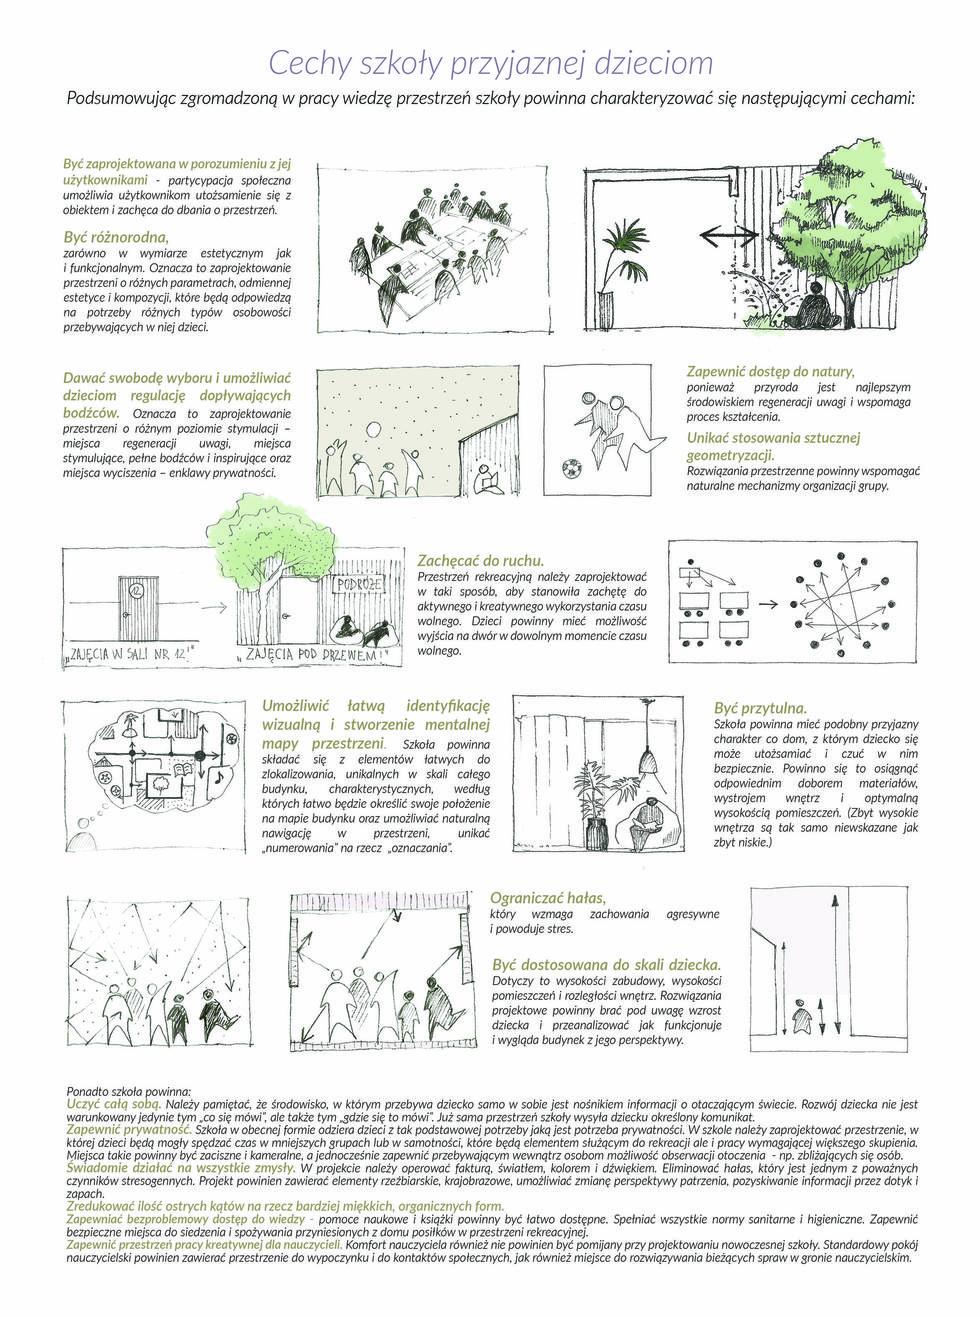 Projekt szkoły podstawowej przyjaznej dzieciom – adaptacja terenów poprzemysłowych na centrum edukacyjne